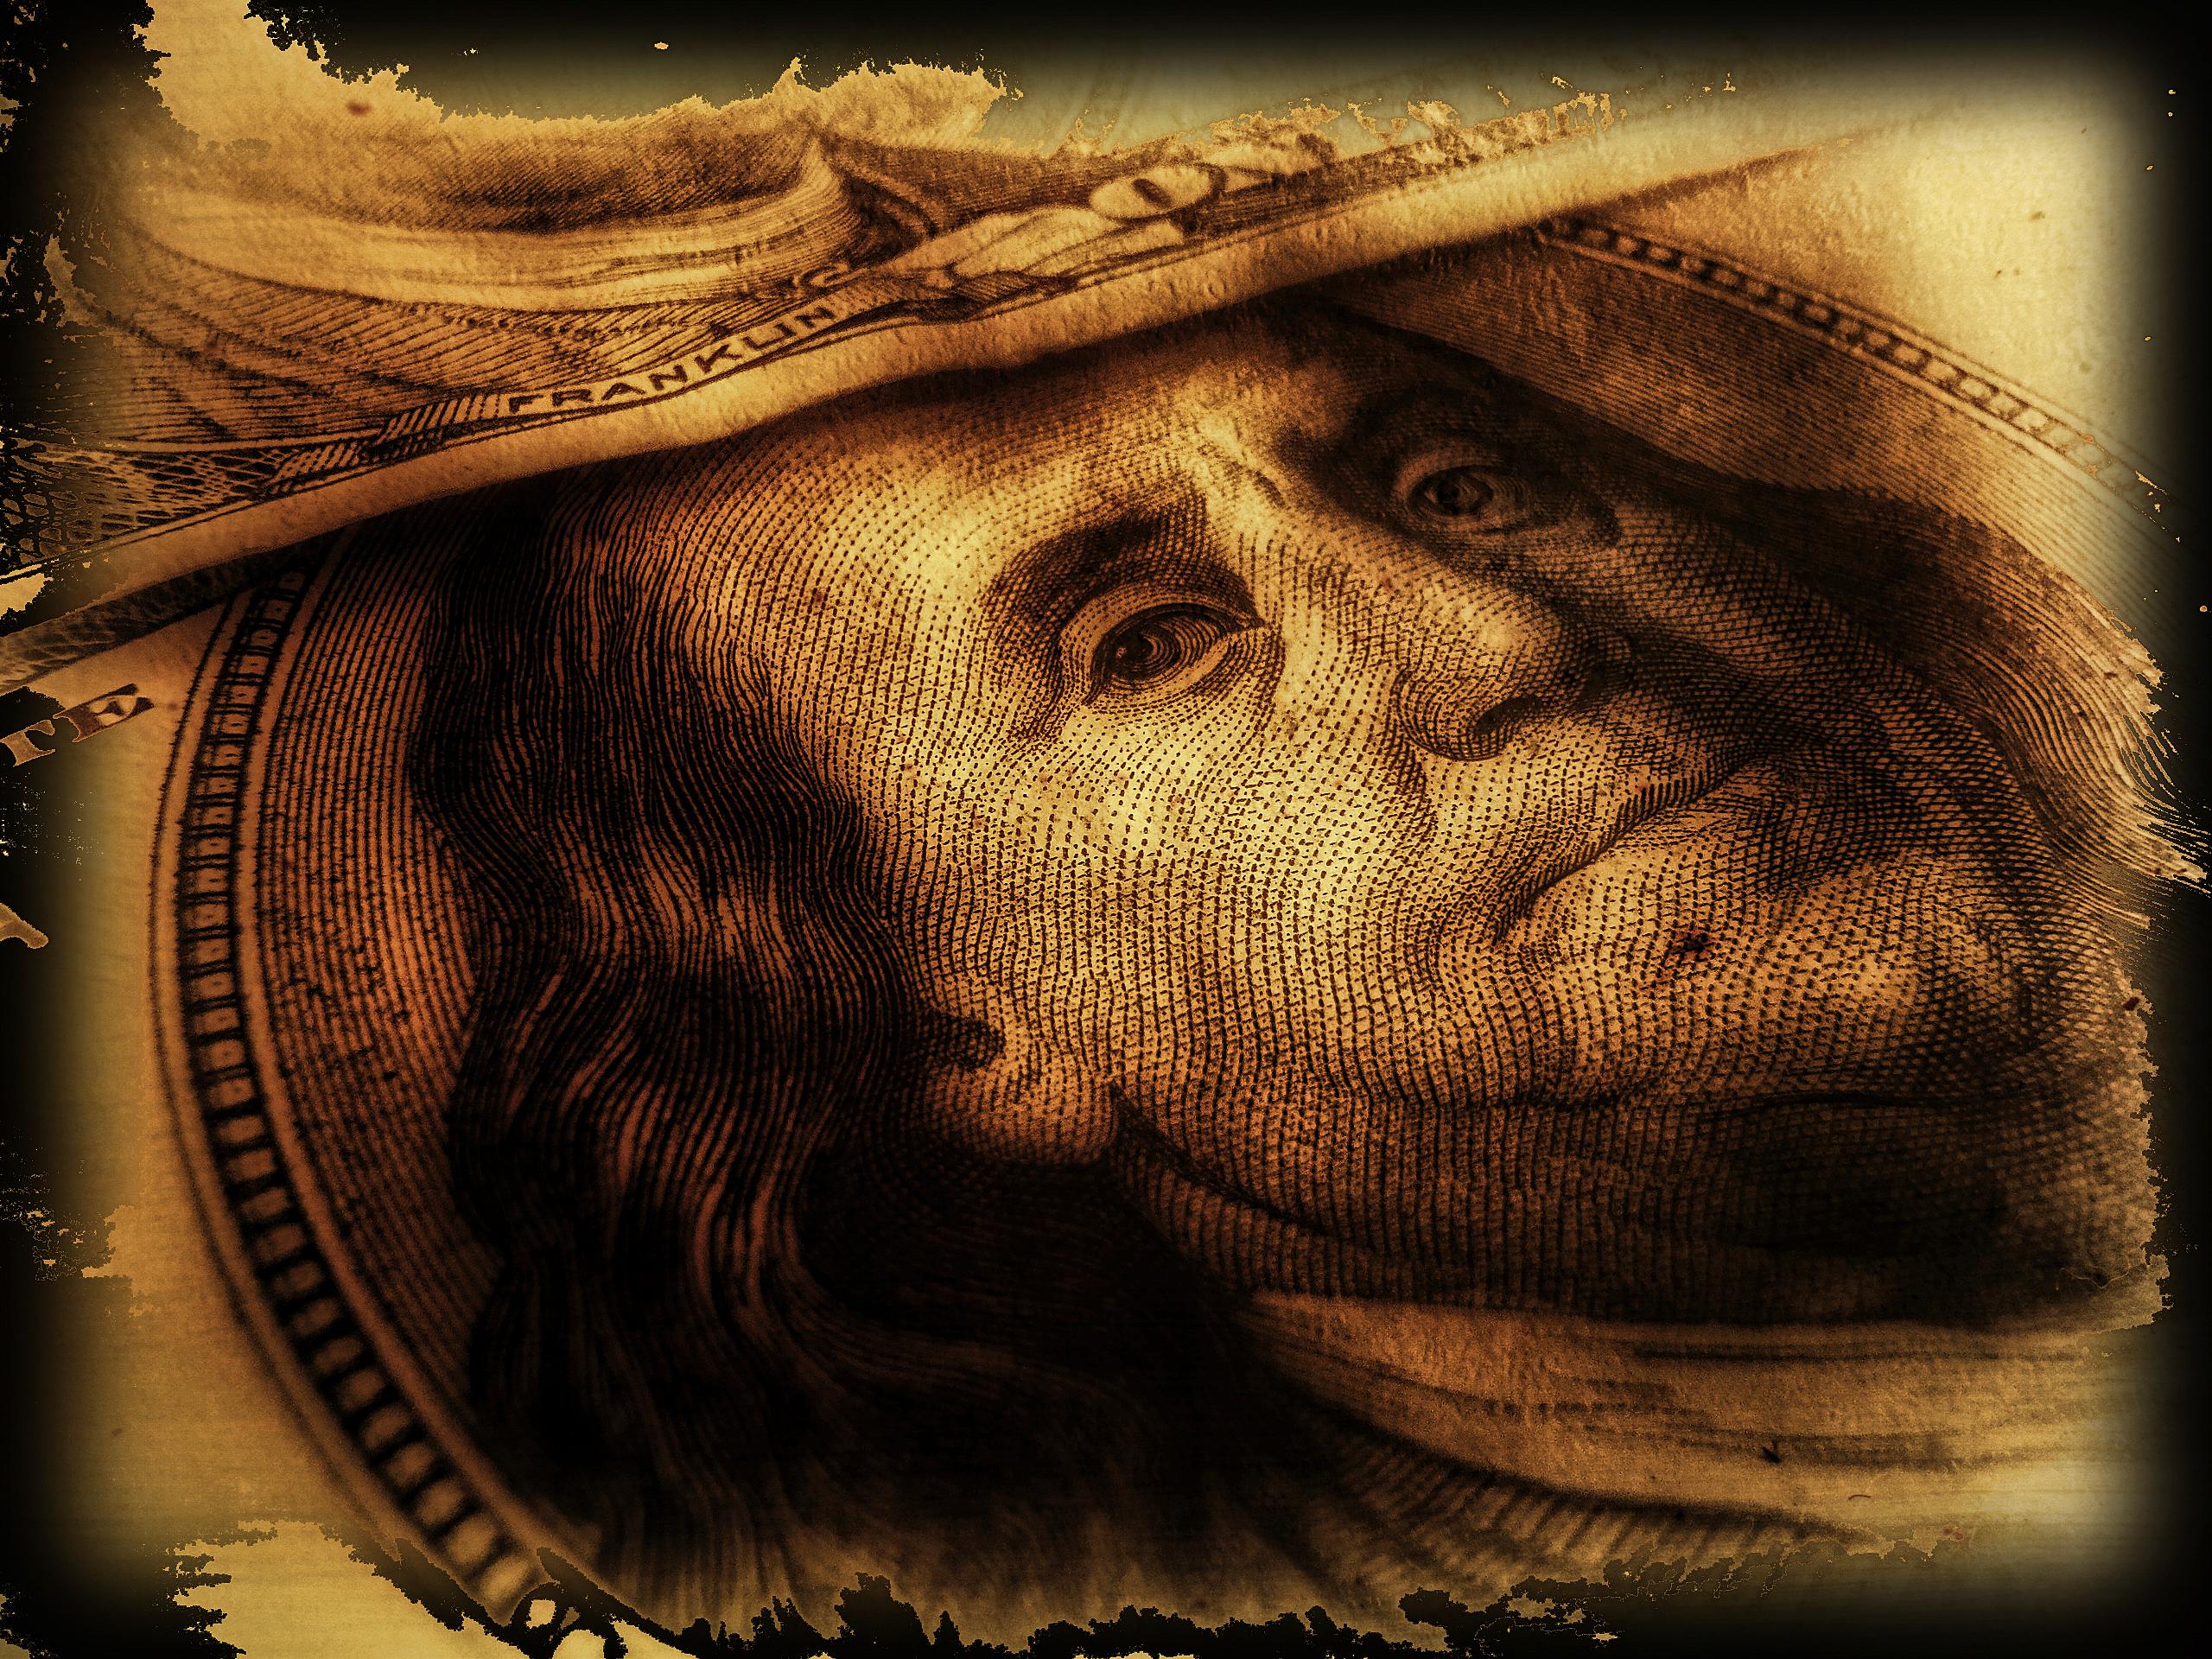 Wallpaper : USA, money, texture, Bill, Note